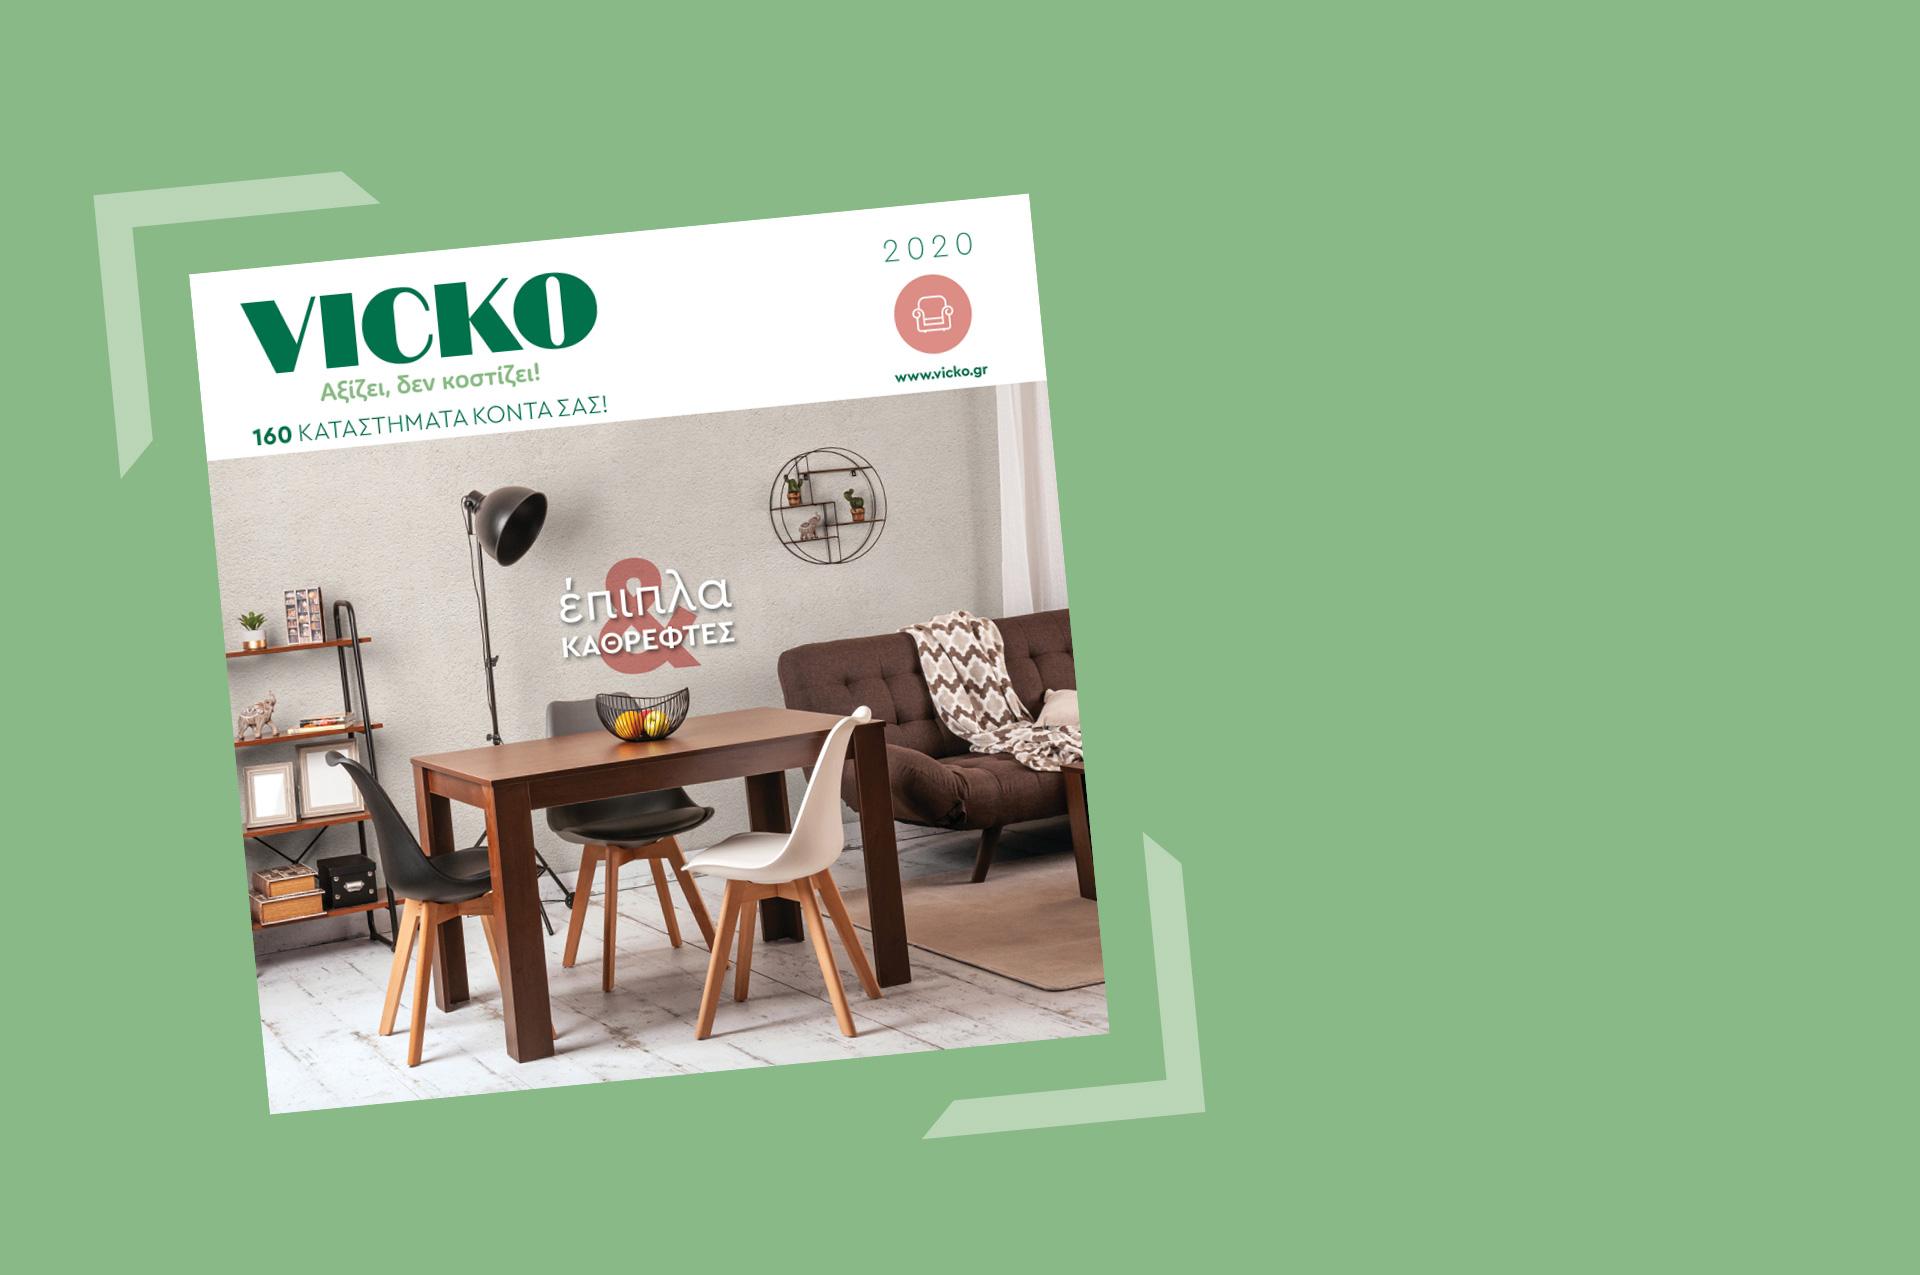 VICKO Έπιπλα, Είδη κουζίνας & μπάνιου, Ιδέες διακόσμησης